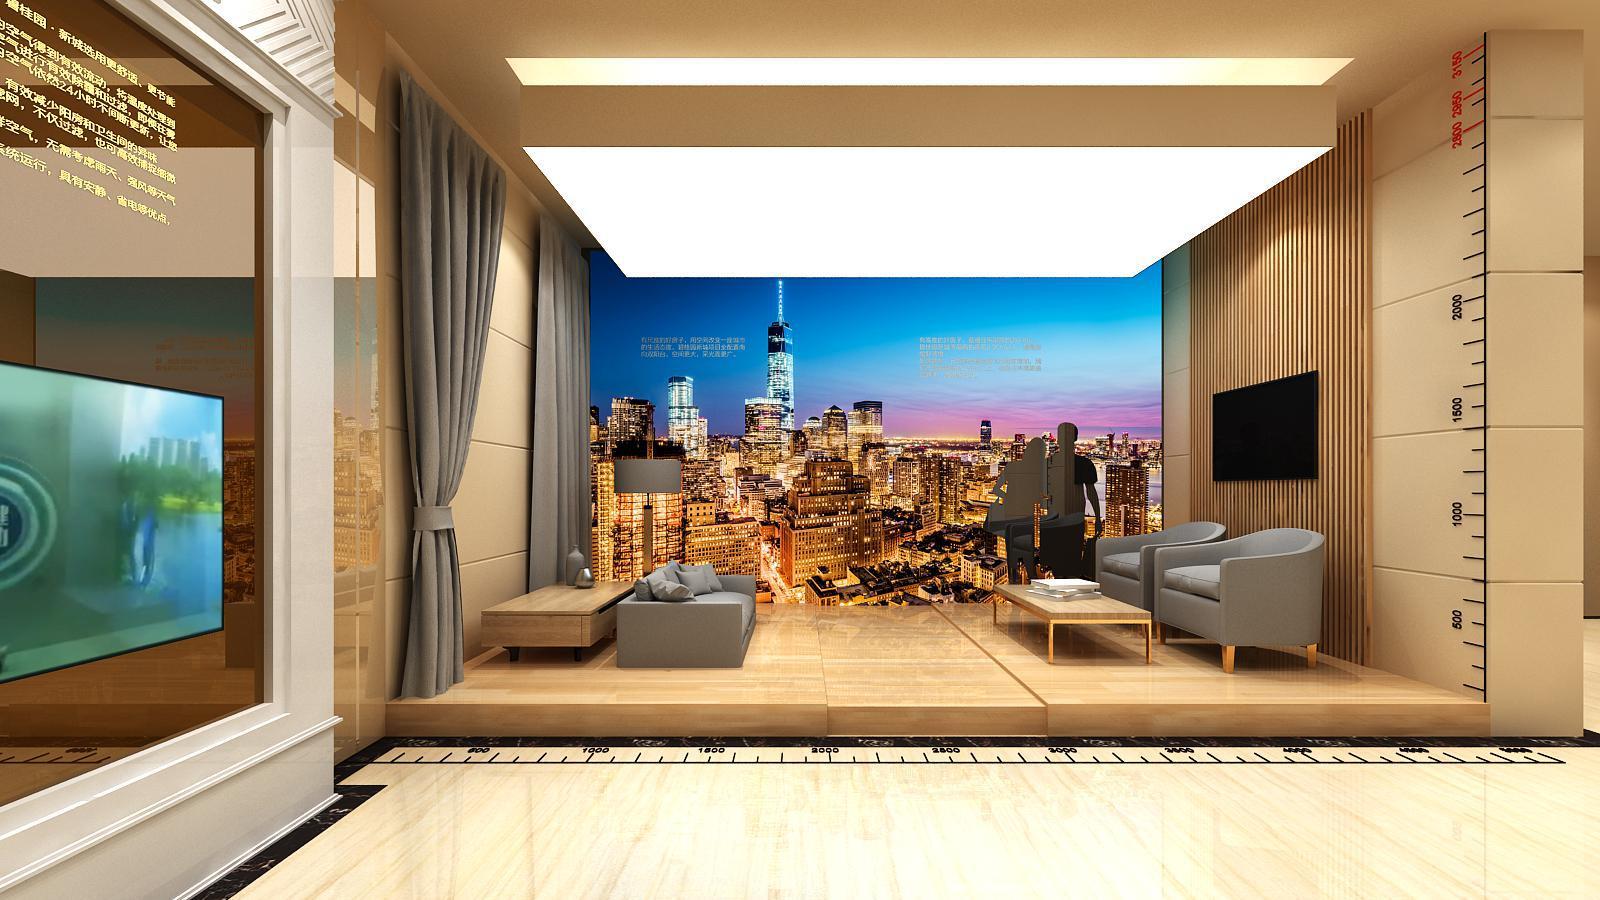 碧桂园新城体验馆设计方案之墙面造型设计10